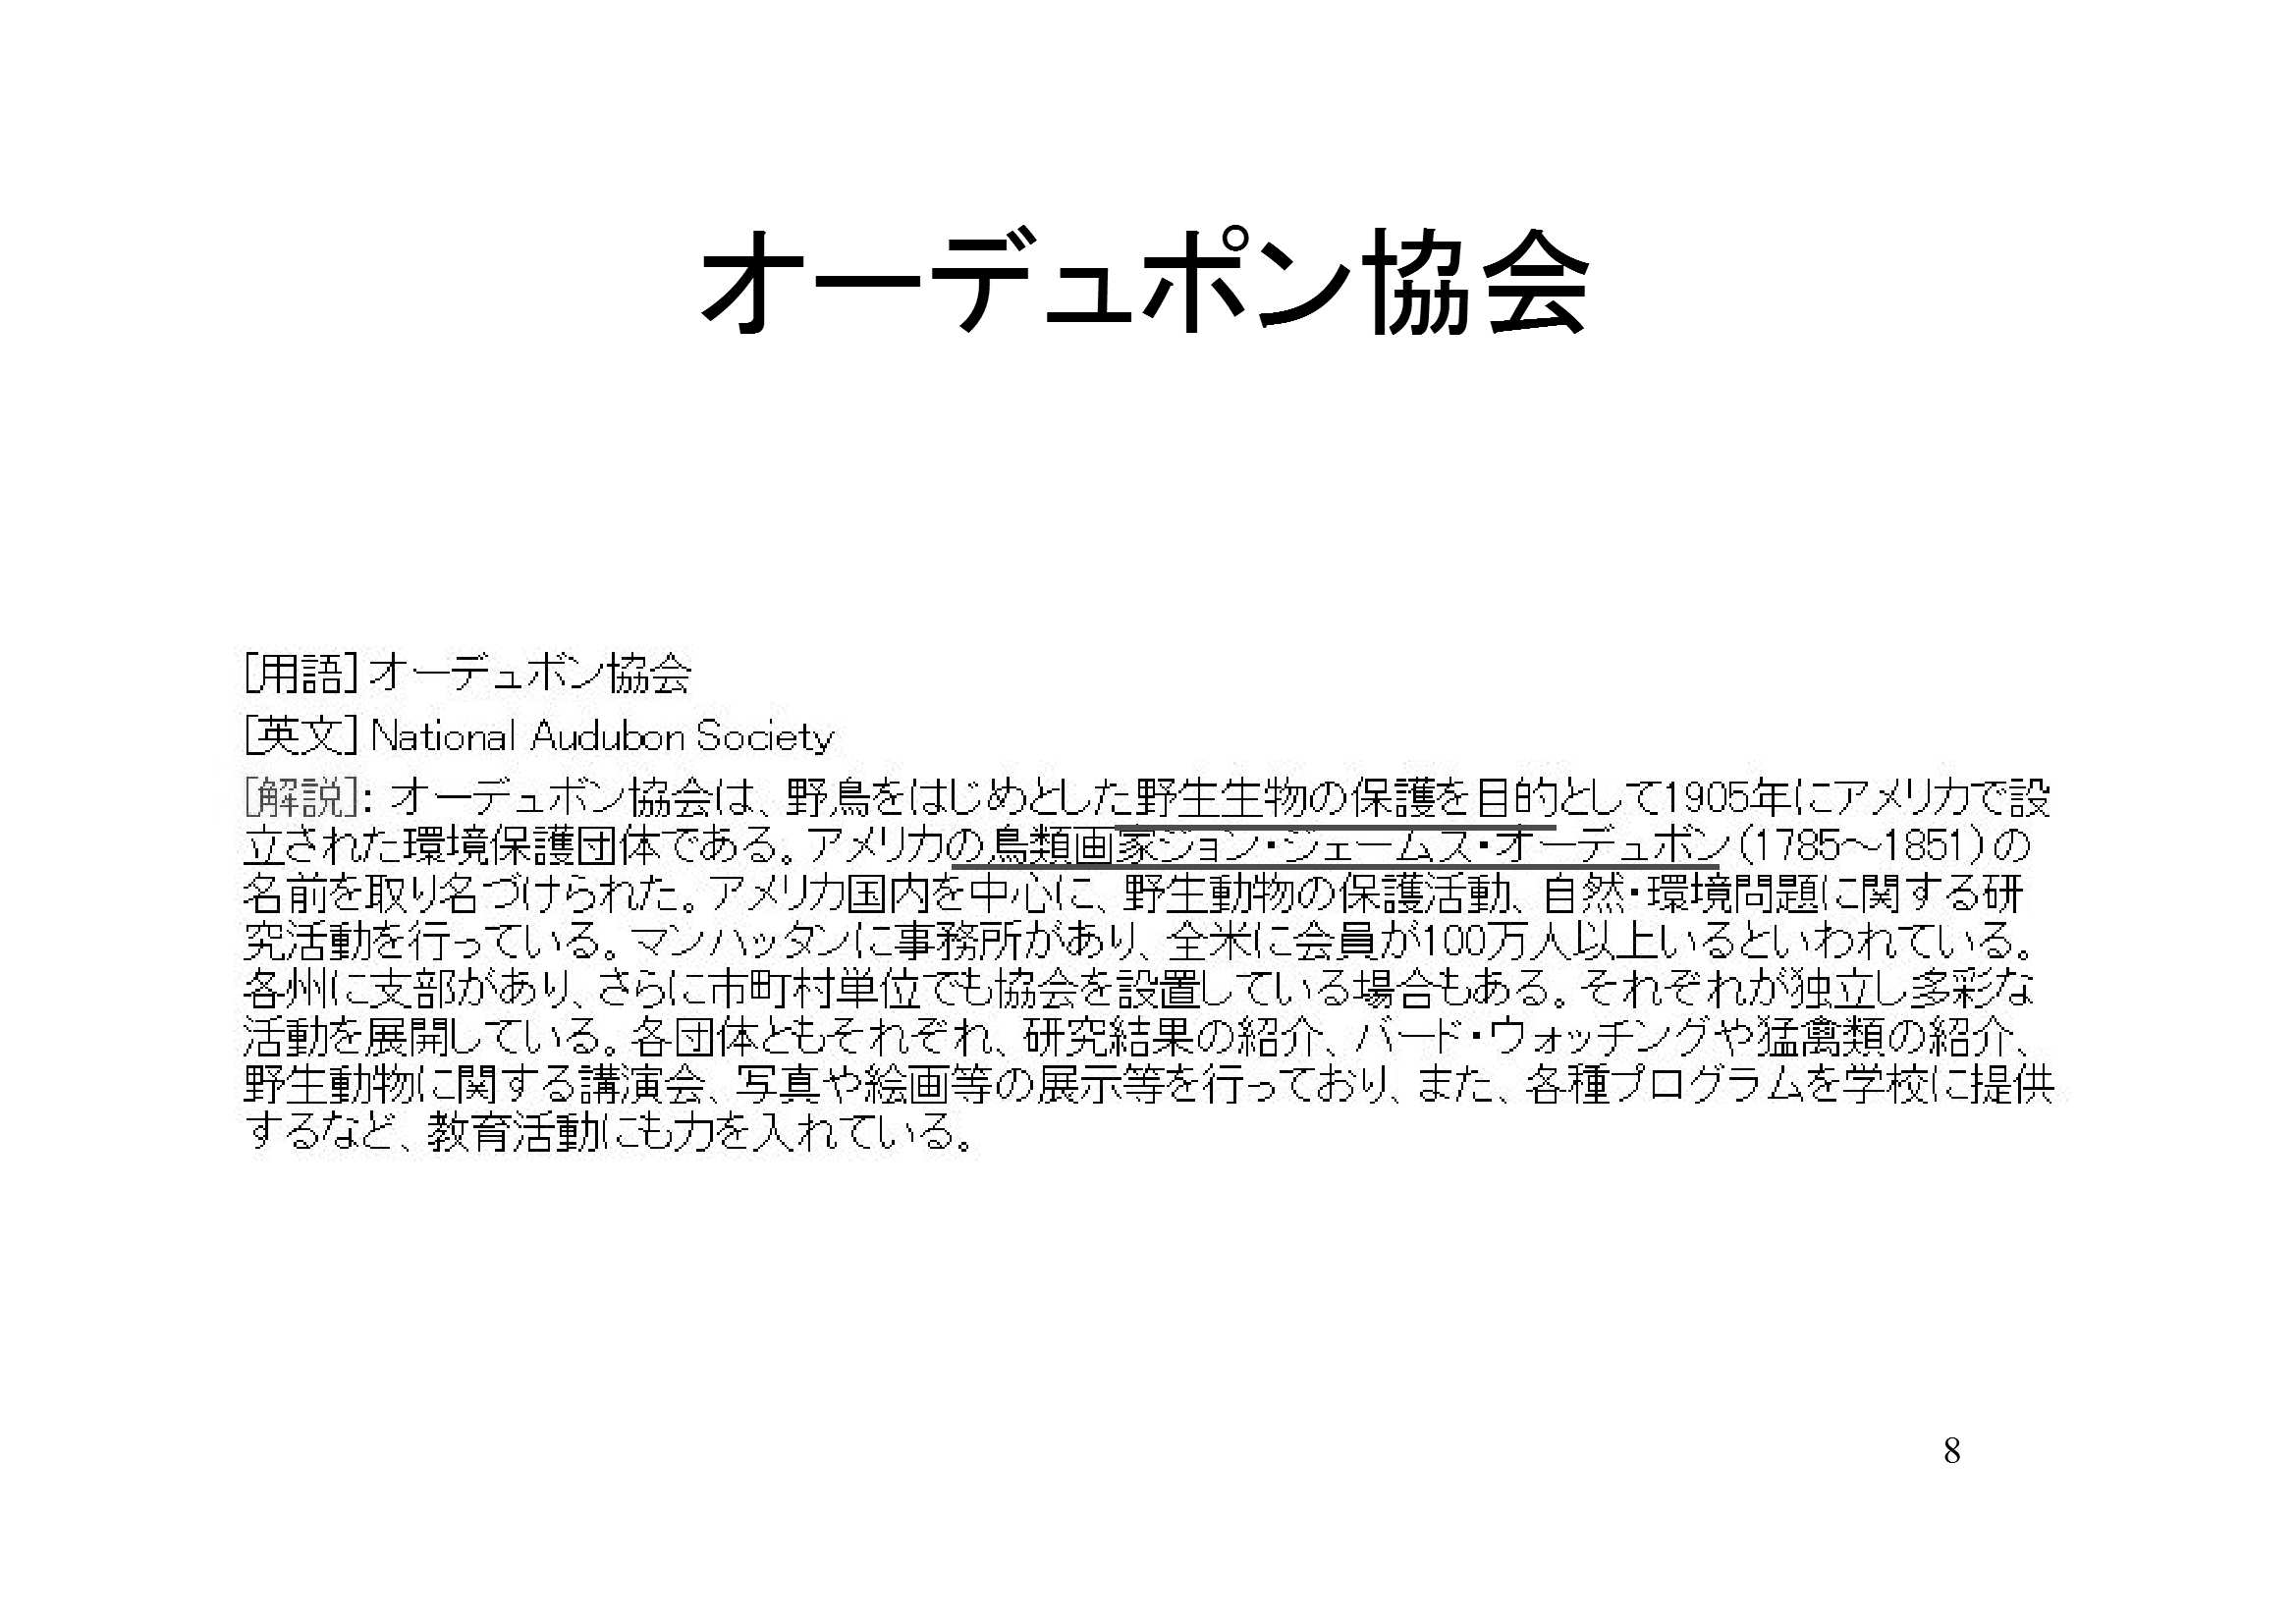 5鷹の道 [互換モード]-08